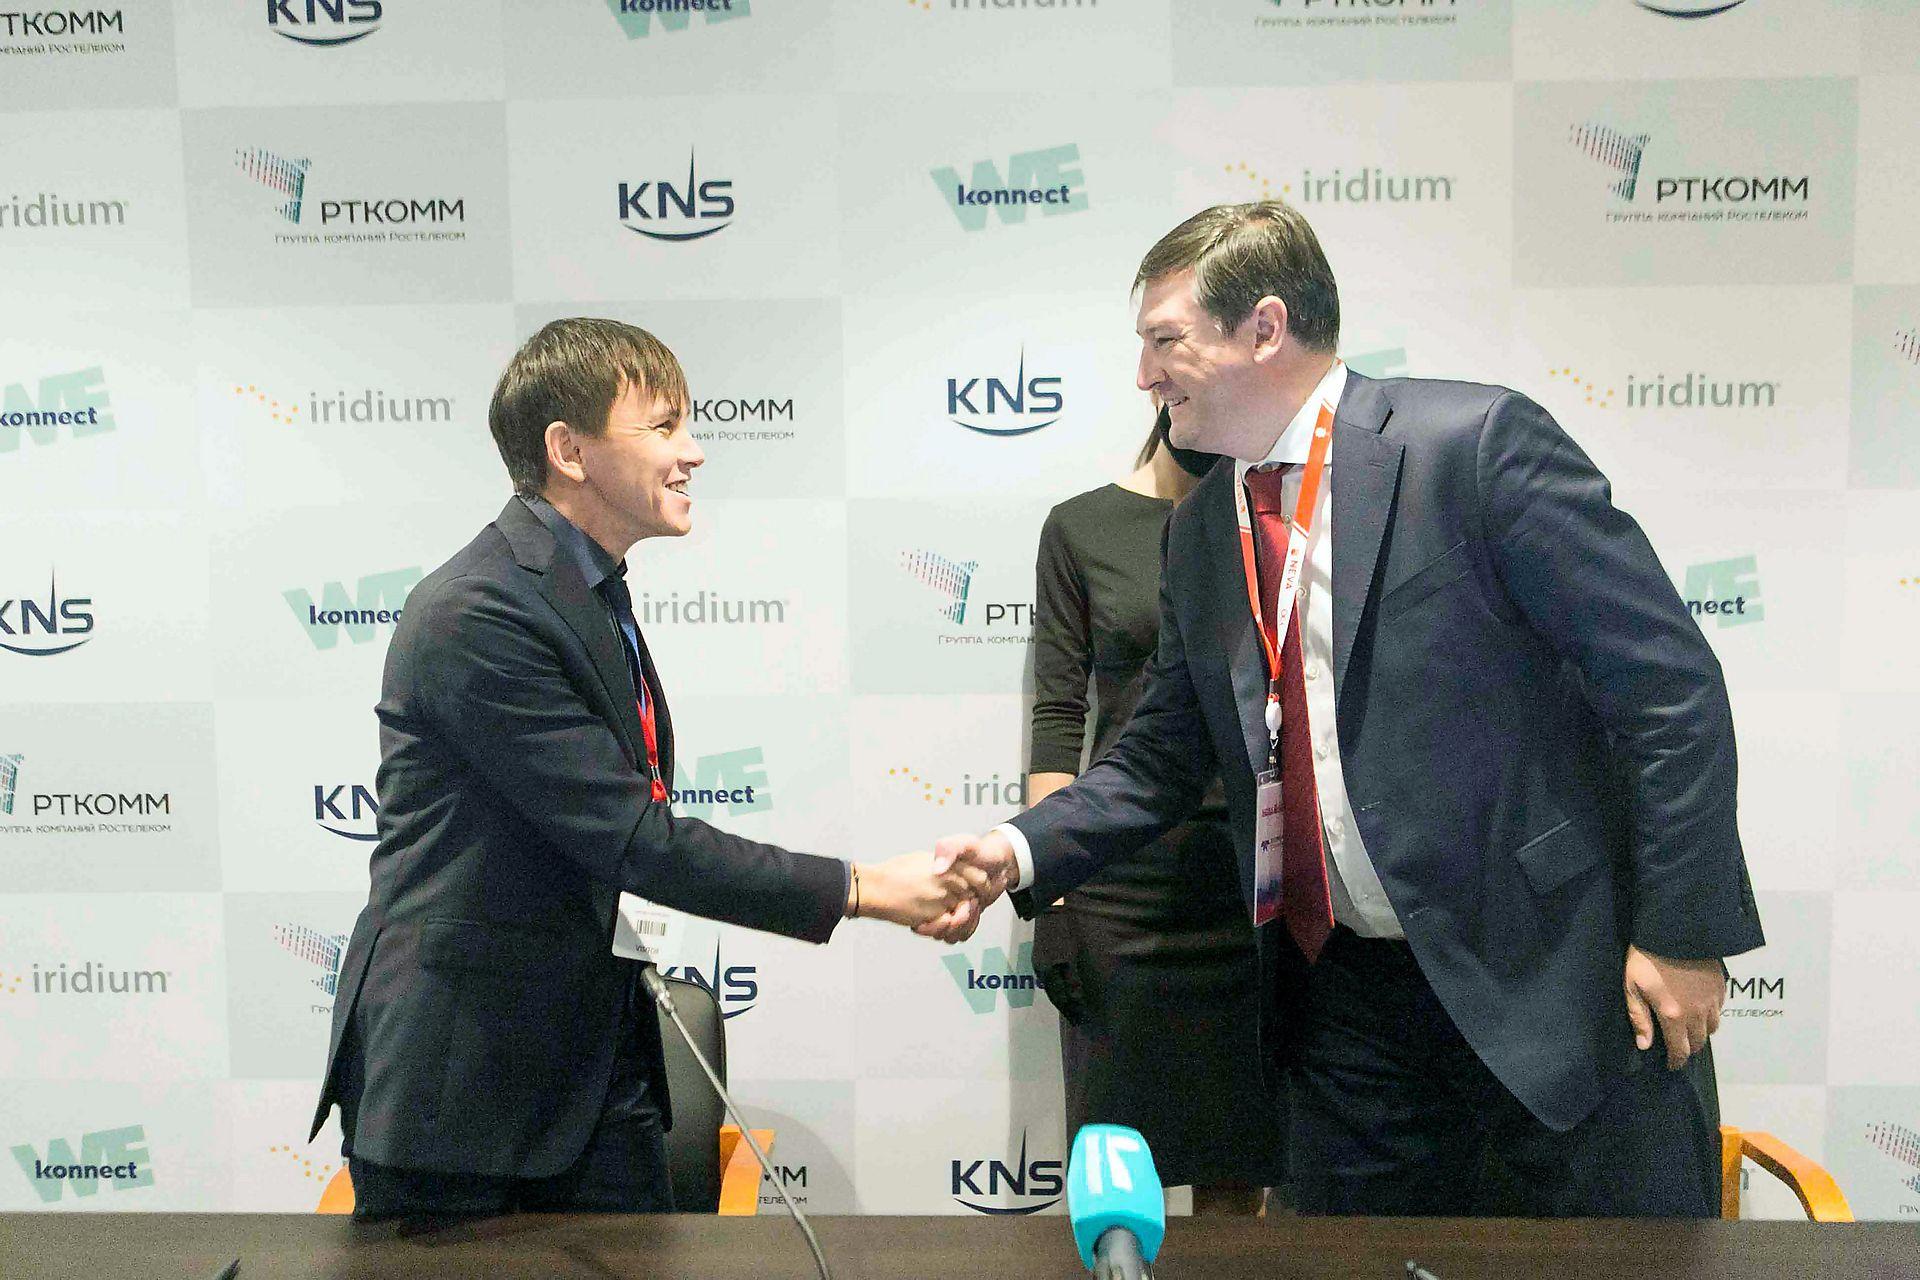 Глава KNS Inc Кевин Джин участвовал в мероприятии онлайн, на конференции присутствовал его российский коллега Ильдар Вахитов